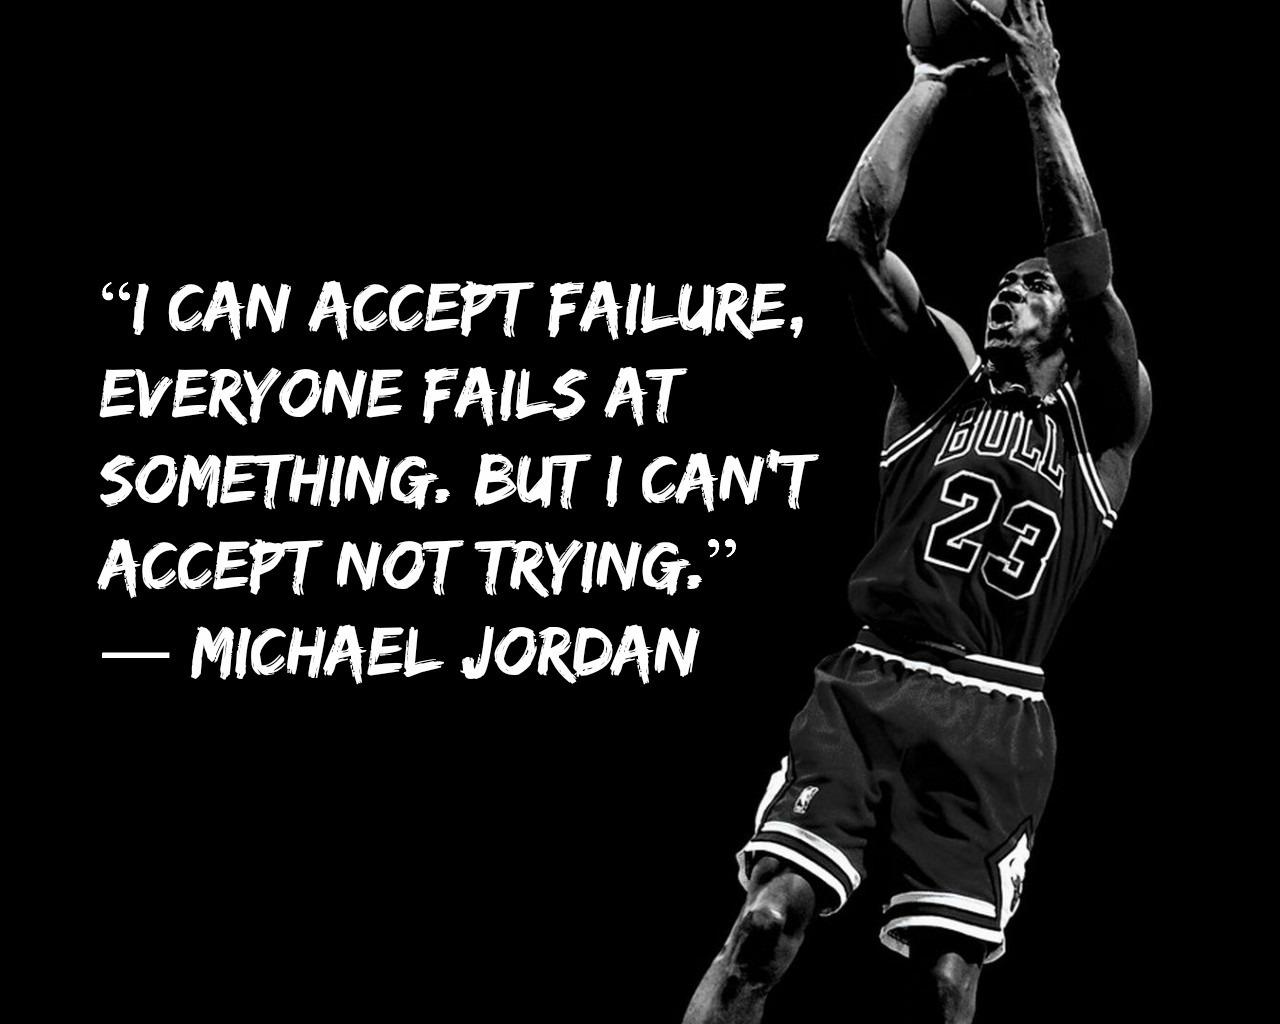 Hard Work Never Fails Quotes: Michael Jordan Quotes On Determination. QuotesGram